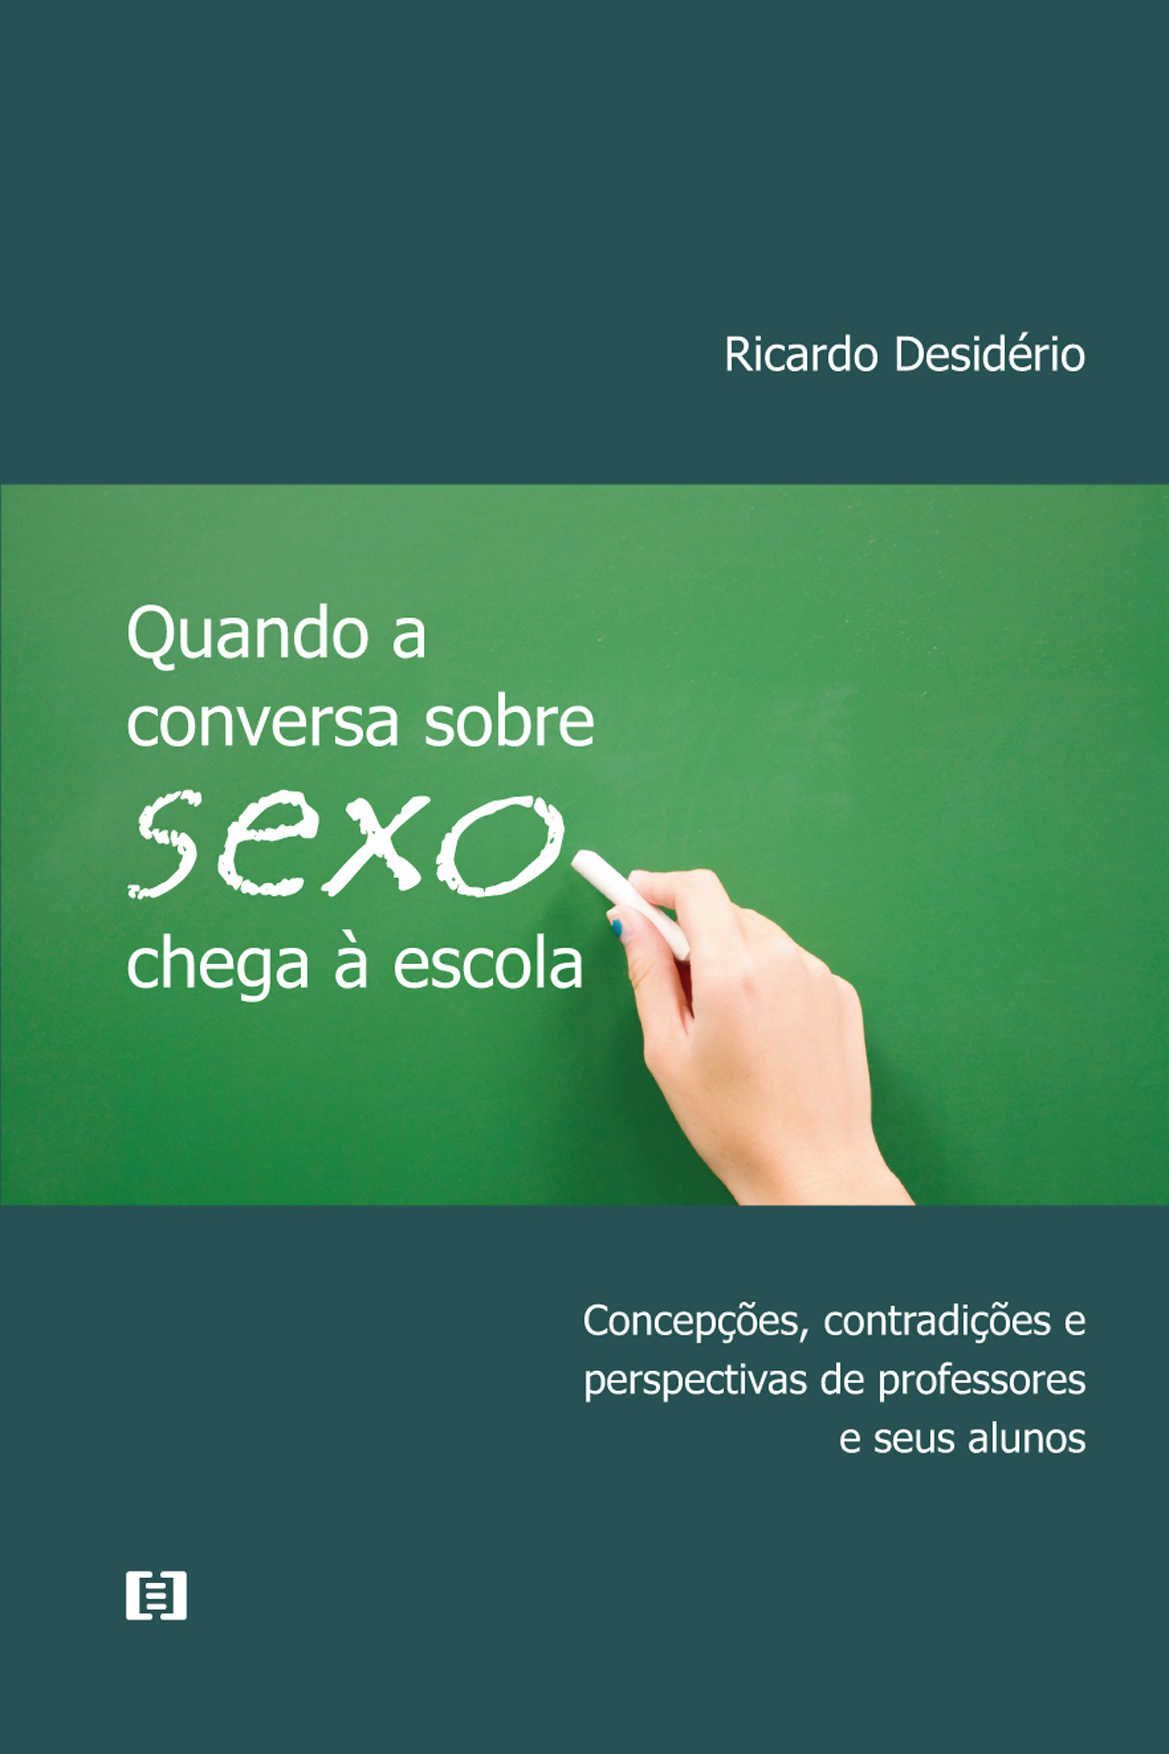 Quando a conversa sobre sexo chega à escola: Concepções, contradições e perspectivas de professores e seus alunos